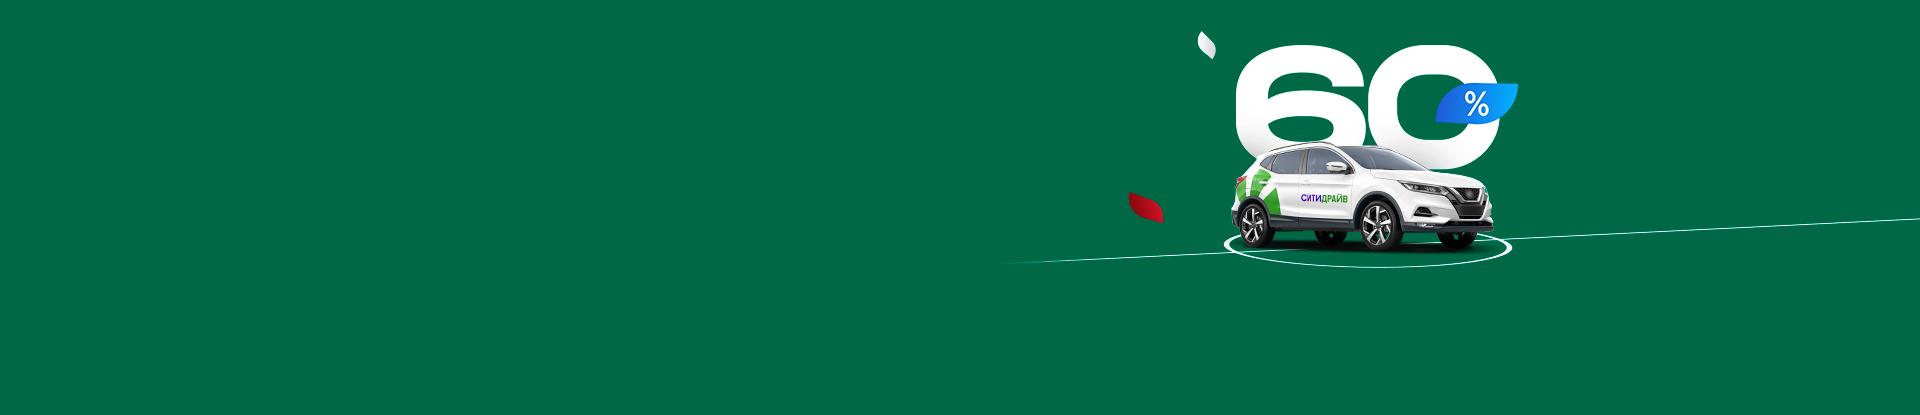 Поддерживай сборную России по футболу - получай выгоду в Ситидрайв